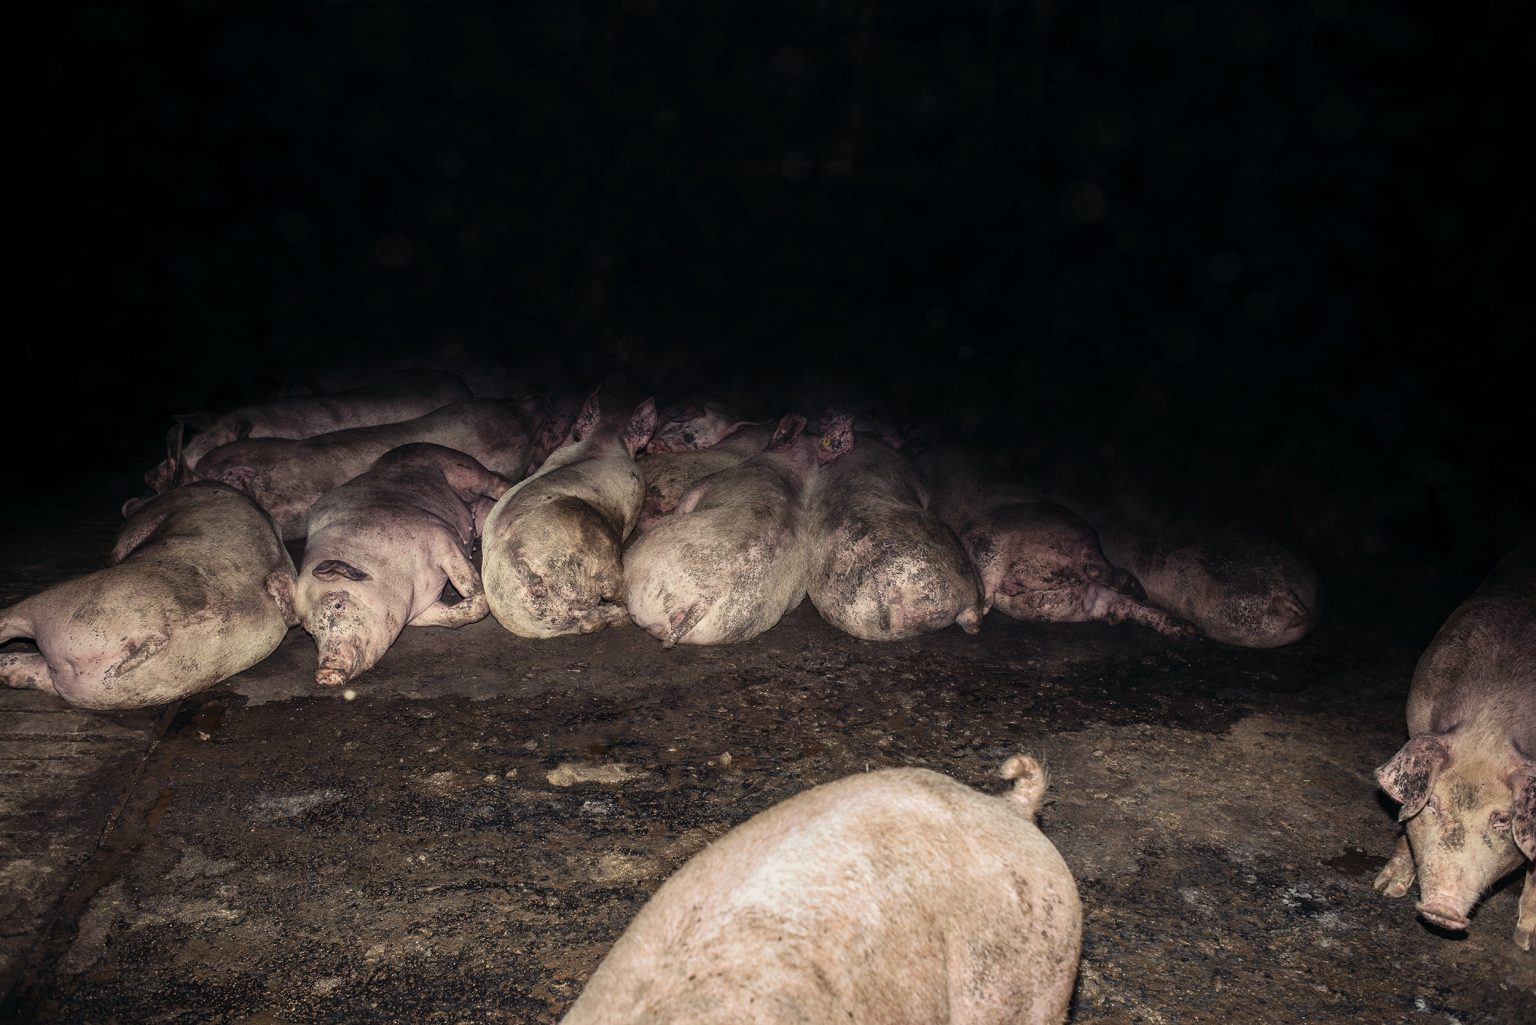 The interior of a fattening pig farm. Emilia Romagna. October 2017.  L'interno di un allevamento di suini da ingrasso. Emilia Romagna. Ottobre 2017.